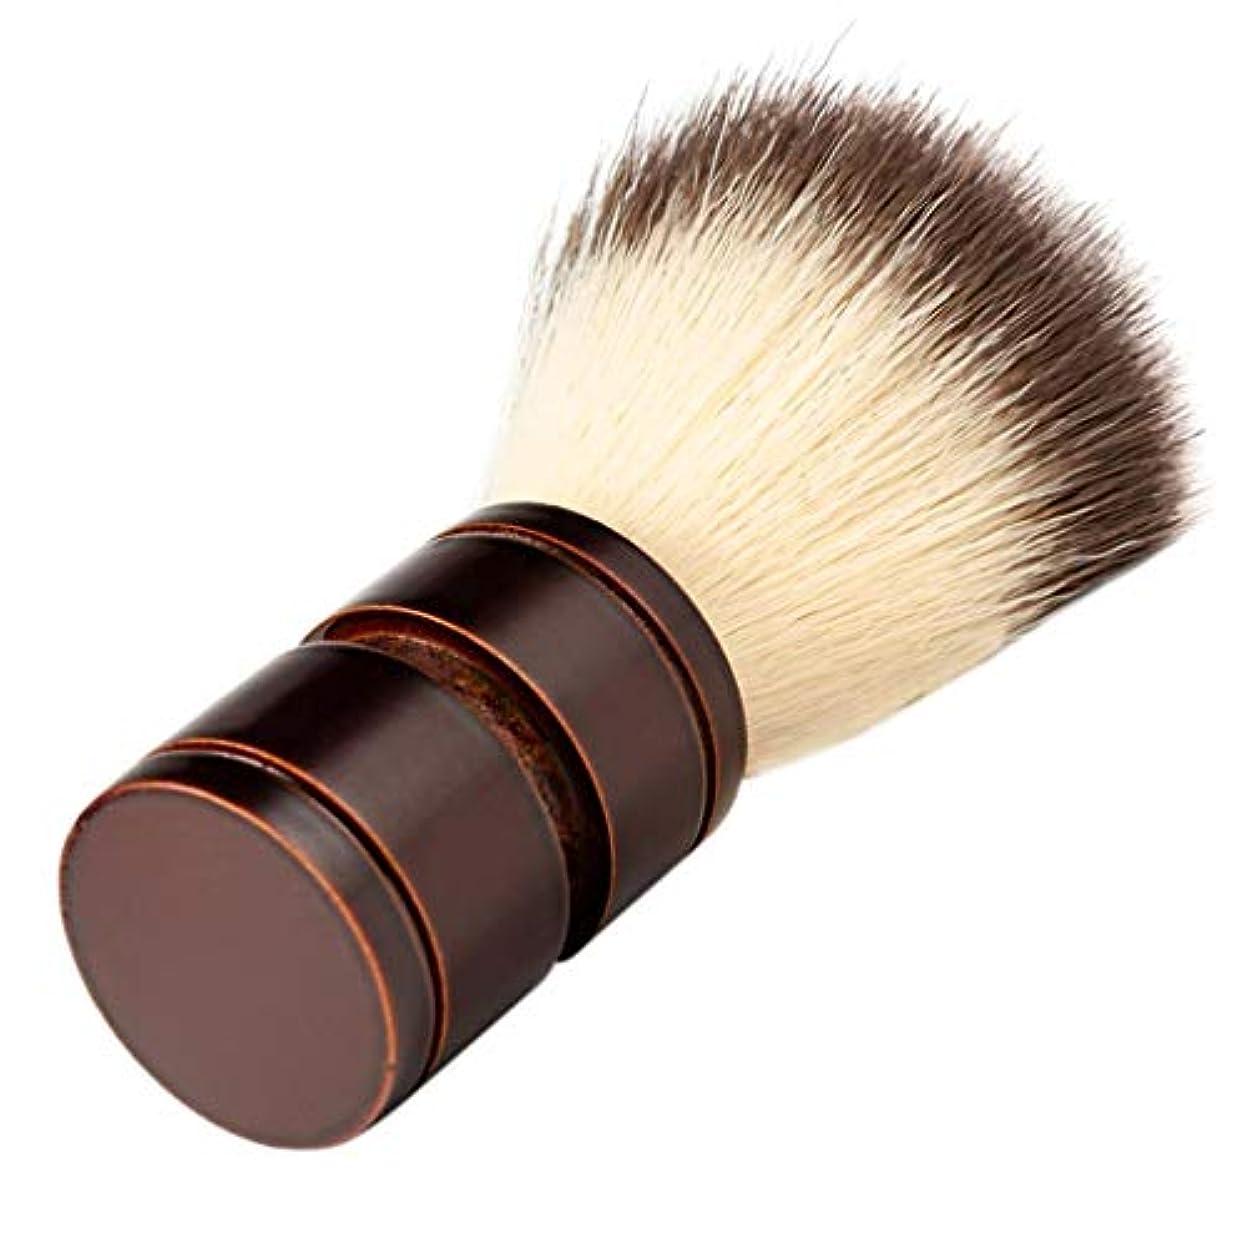 コメントスペクトラムサスティーンHellery ひげブラシ シェービングブラシ ひげ剃り 柔らかい 髭剃り 泡立ち 理容 美容ツール